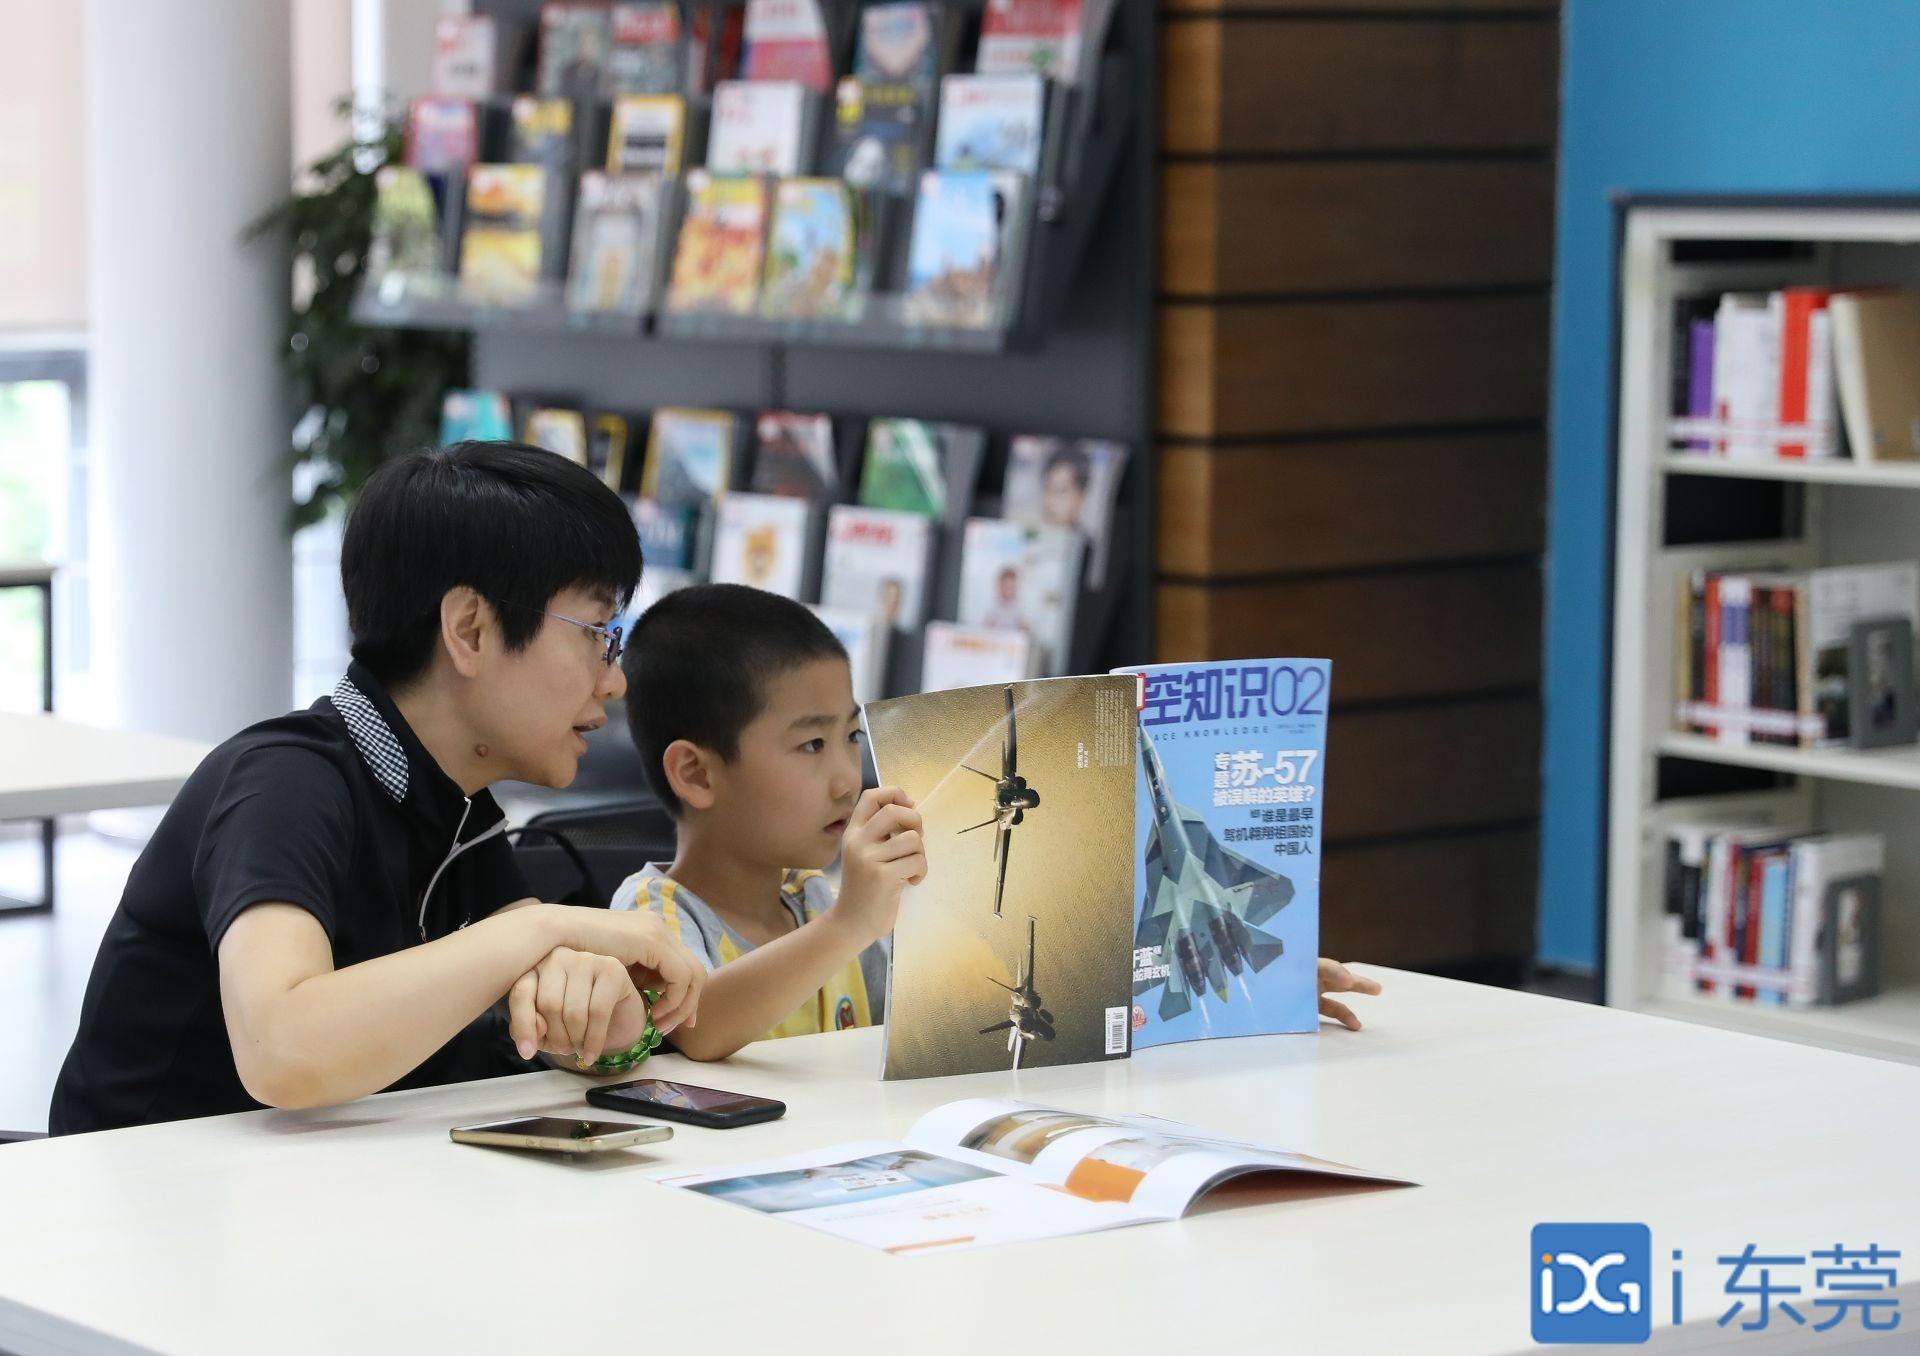 松山湖图书馆青少年戏剧阅读坊招募小读者